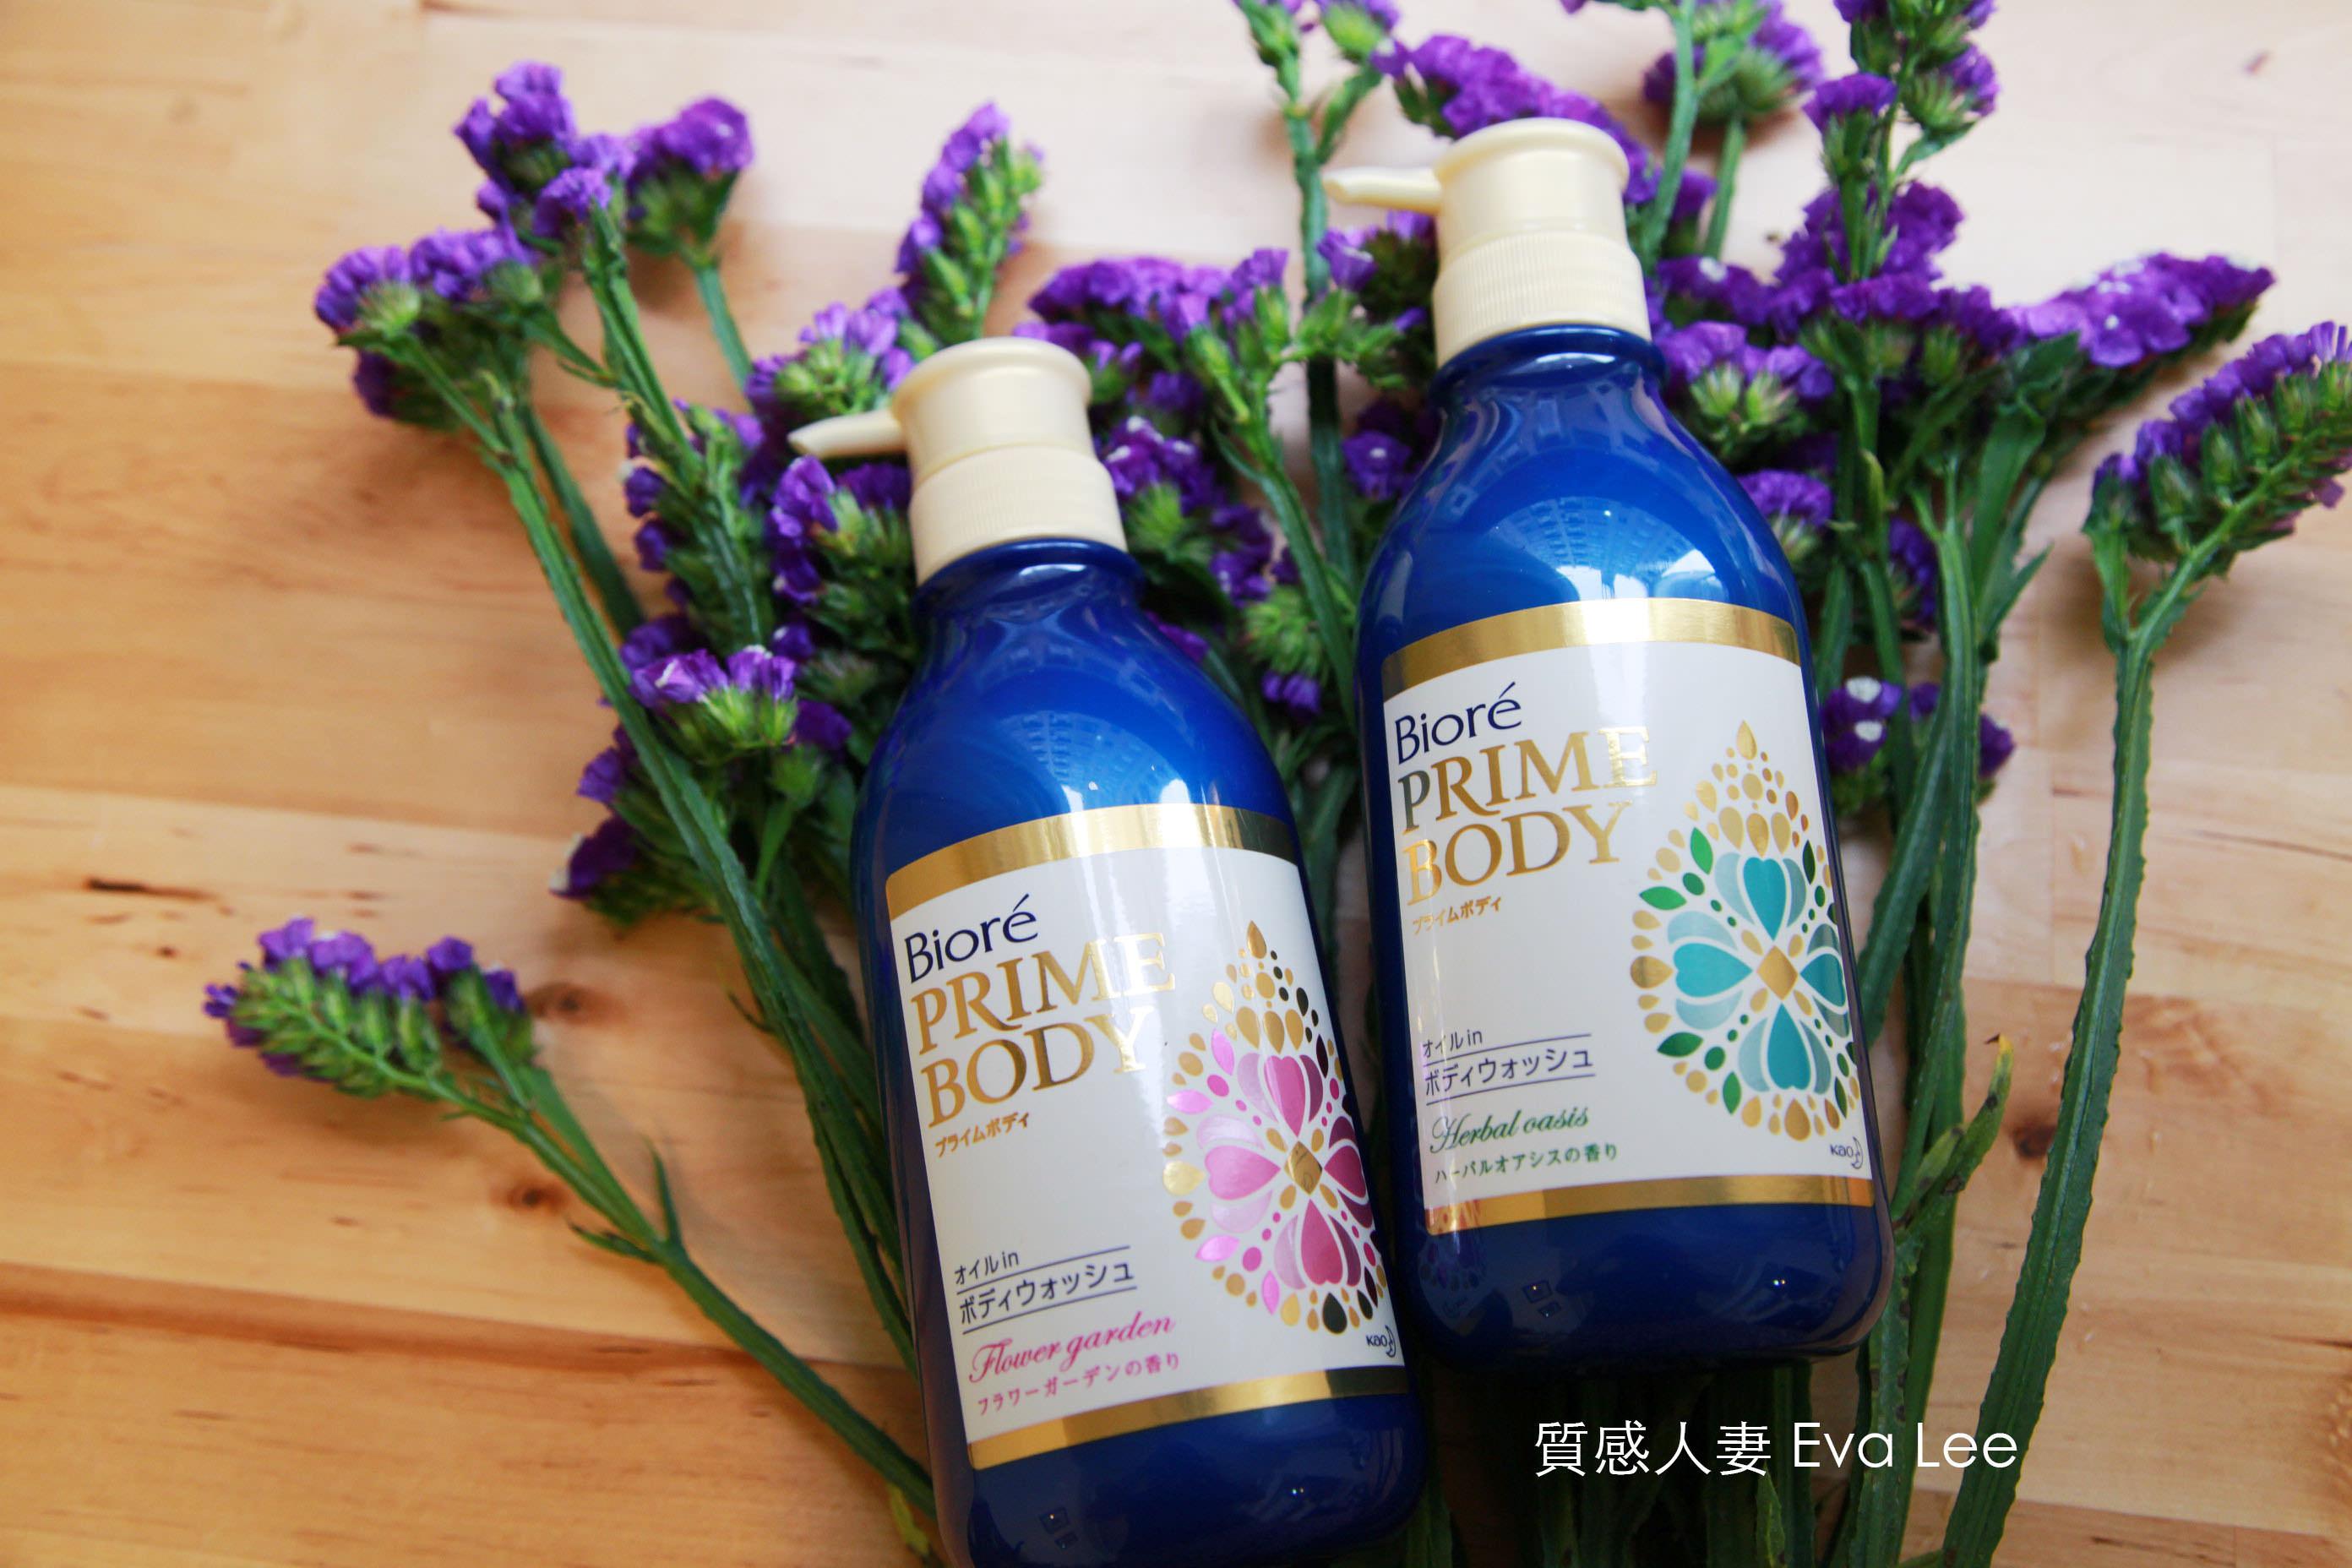 [開箱]這瓶沐浴乳被票選為年度最強美妝品?!日本原裝進口Biore極緻精華油沐浴乳